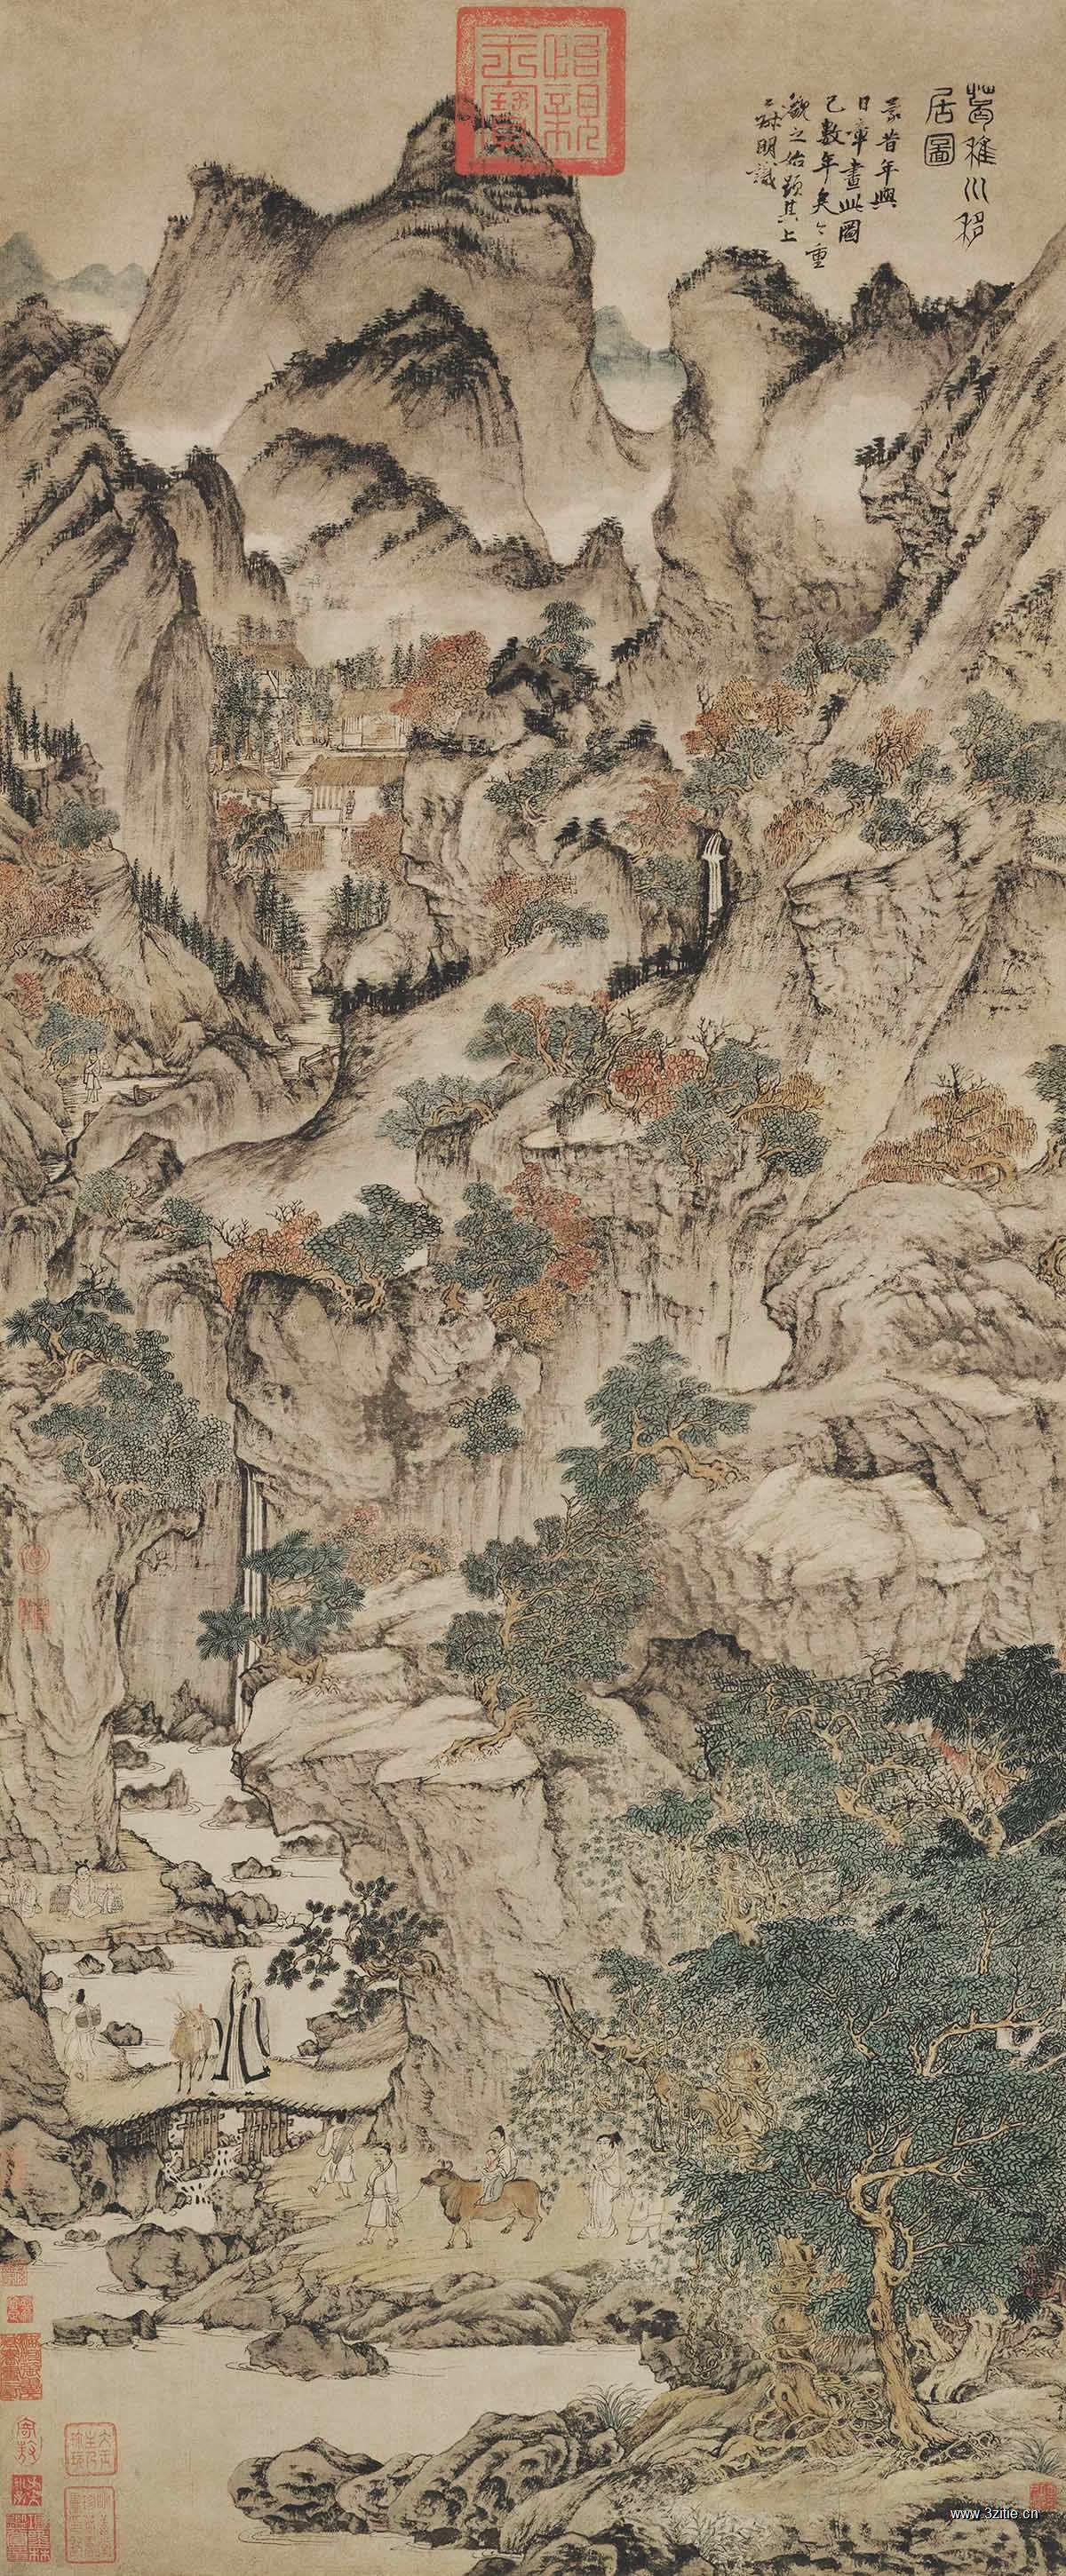 元 王蒙 葛稚川移居图(轴二版)纸本139.5x58